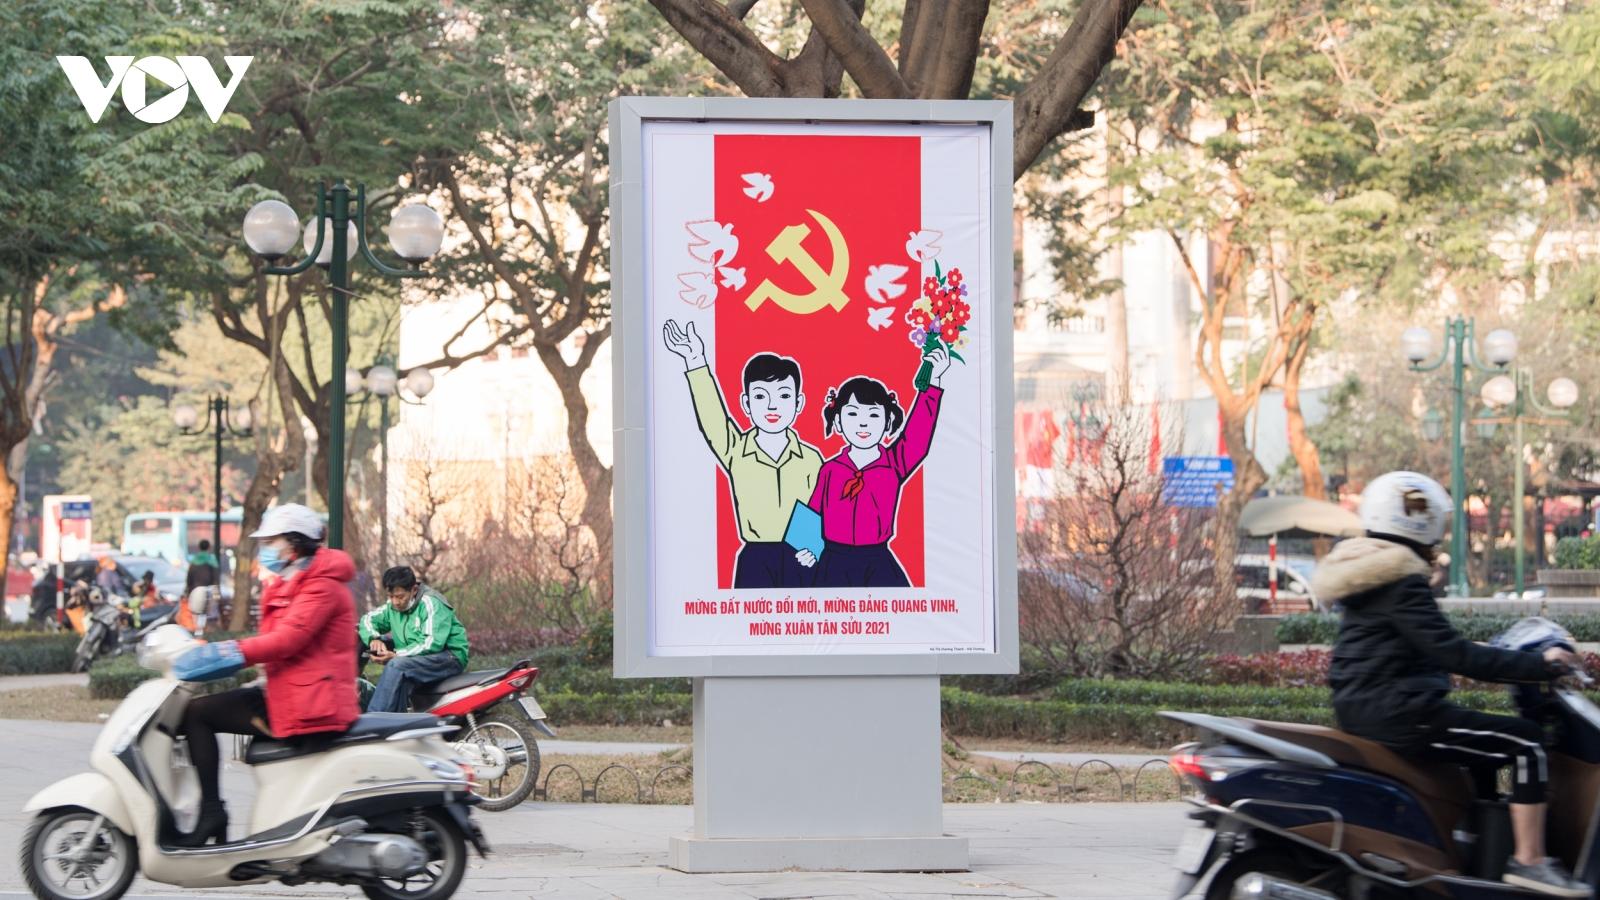 Đường phố Hà Nội rực rỡ tranh cổ động trước thềm Đại hội lần thứ XIII của Đảng